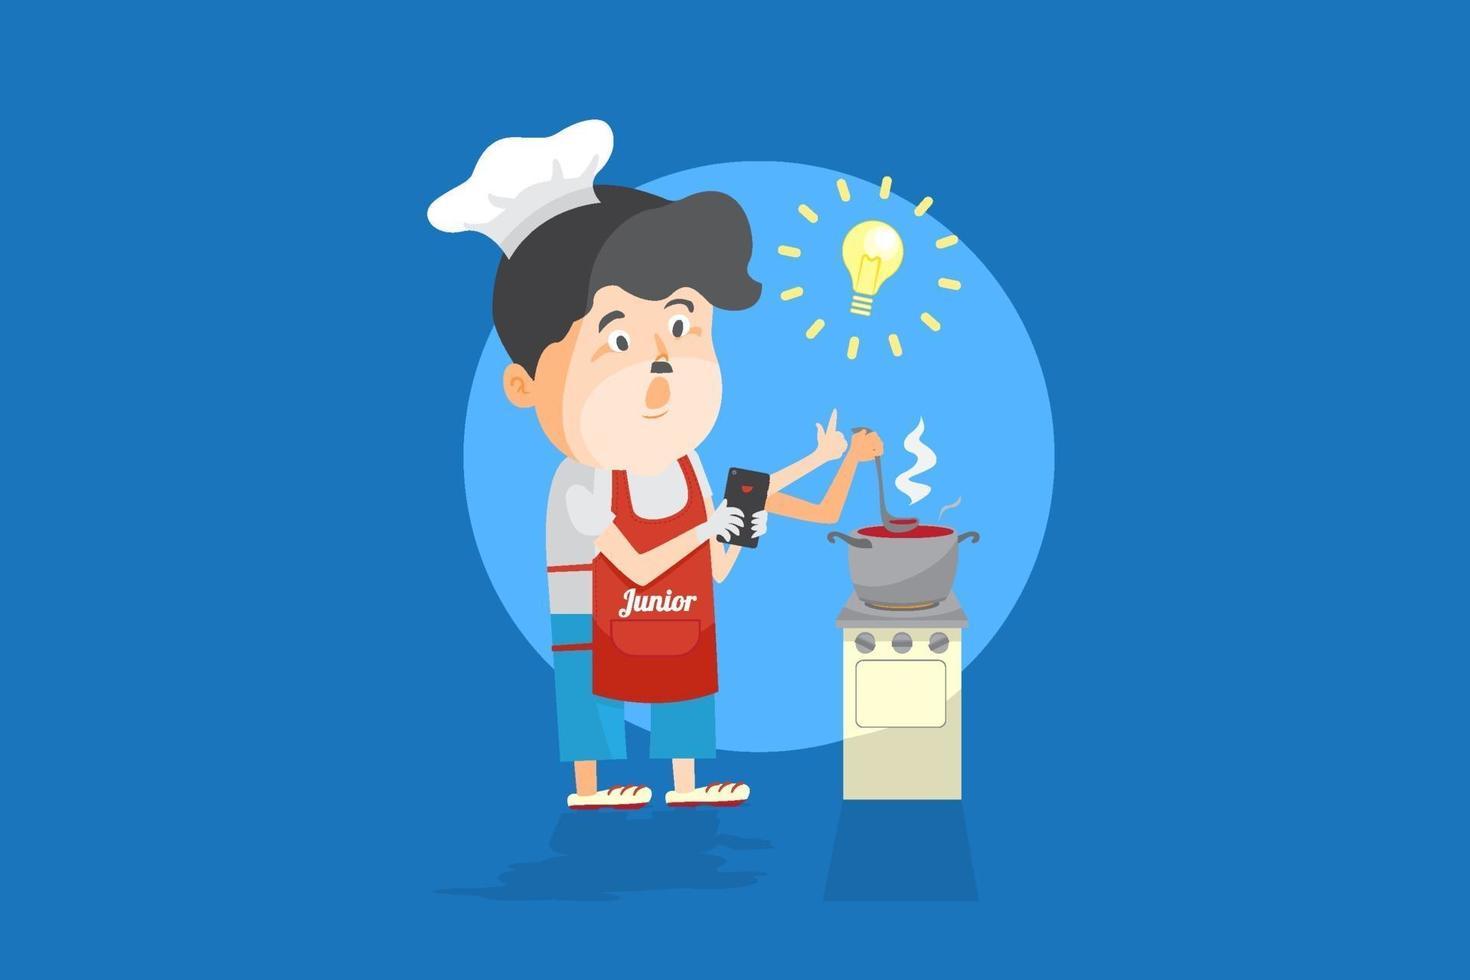 Chef aficionado aprendiendo cursos de comida en forma de lección en línea en teléfonos inteligentes, estudiando en la clase de cocina en línea, como ilustración de vector plano de dibujos animados de entrenamiento cara a cara